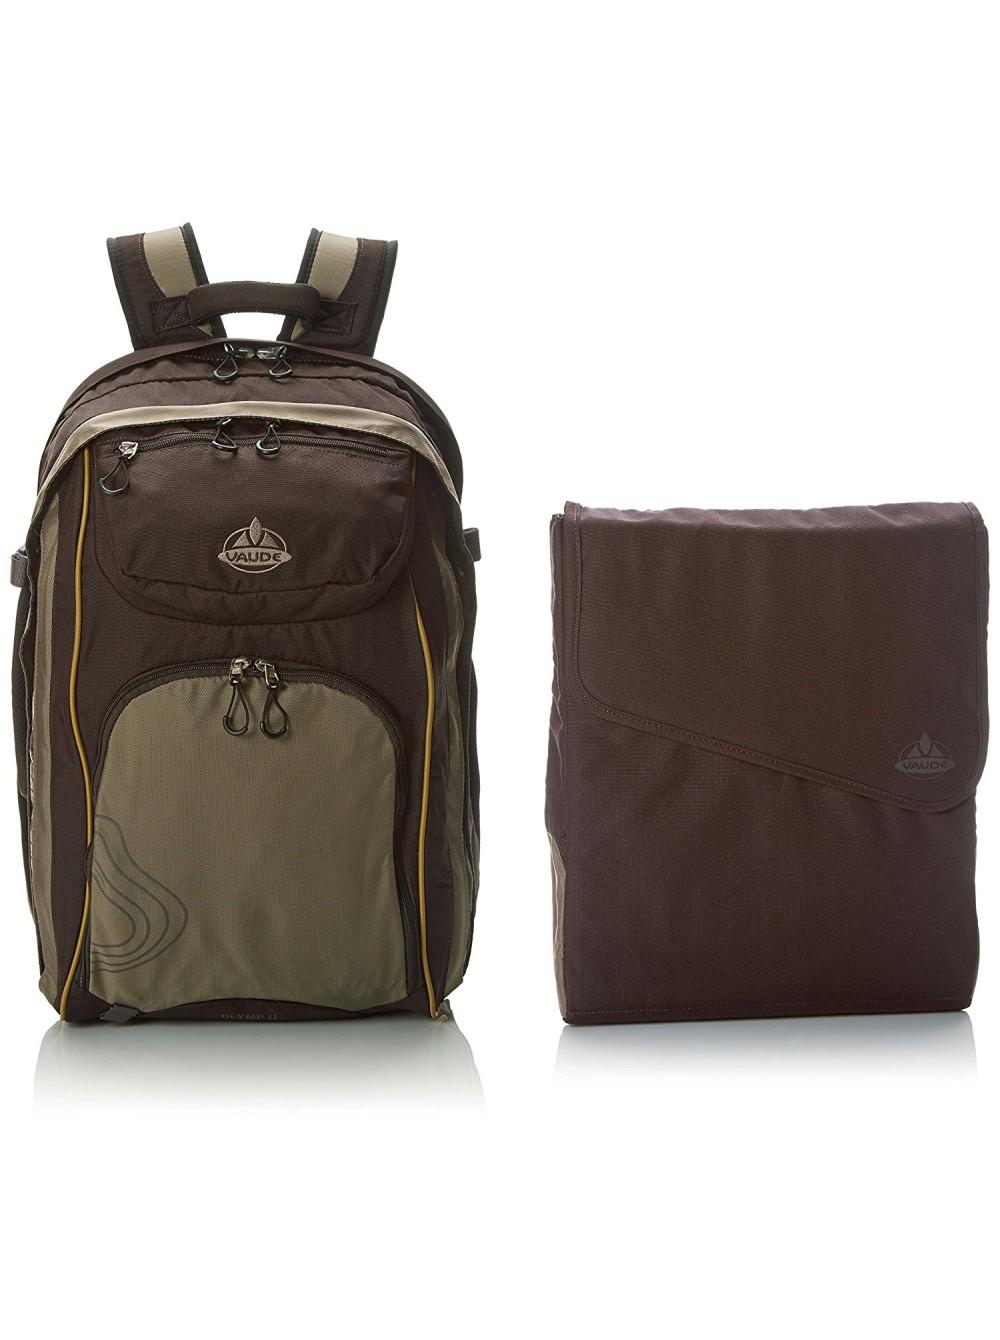 09ef4026dcd7 Vaude Olymp II - Городской рюкзак для ноутбука - Онлайн магазин рюкзаков